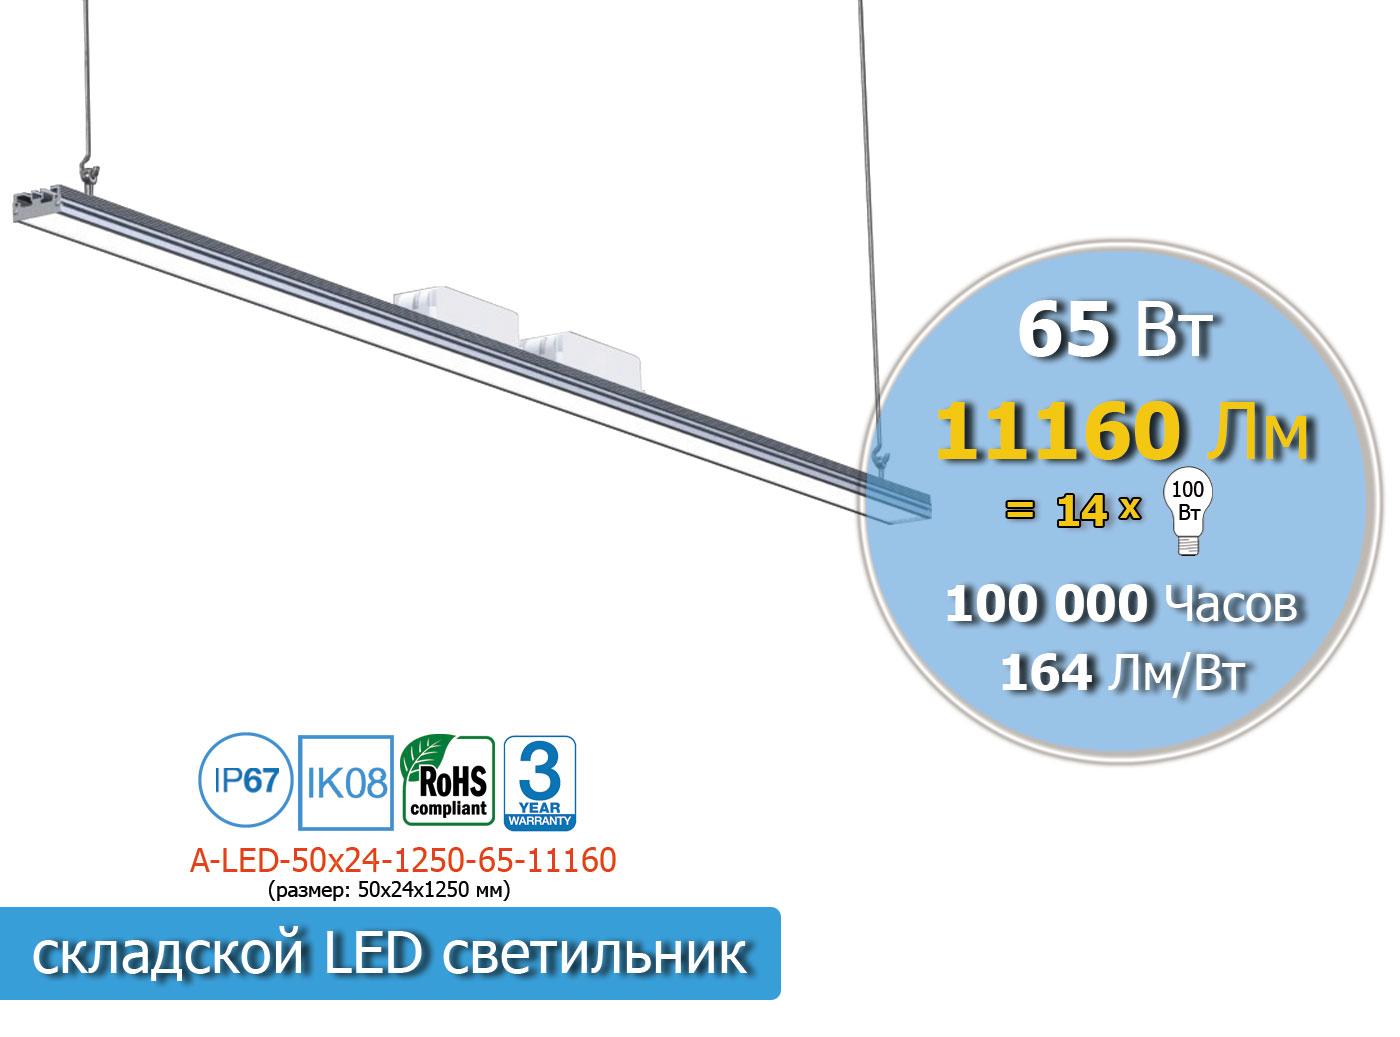 A-LED-50x24-1-1250-65-11160